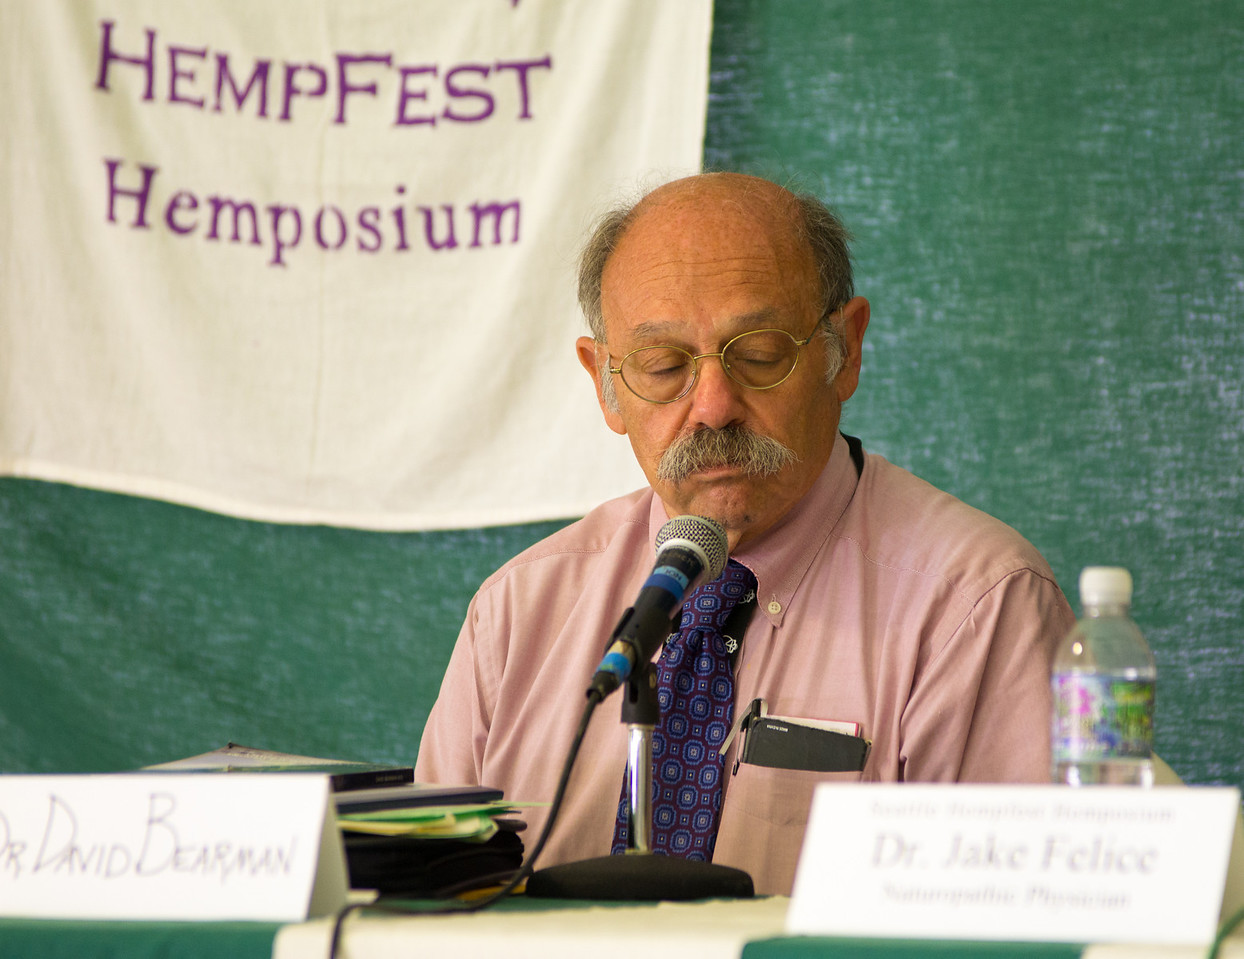 speaker at hemposium